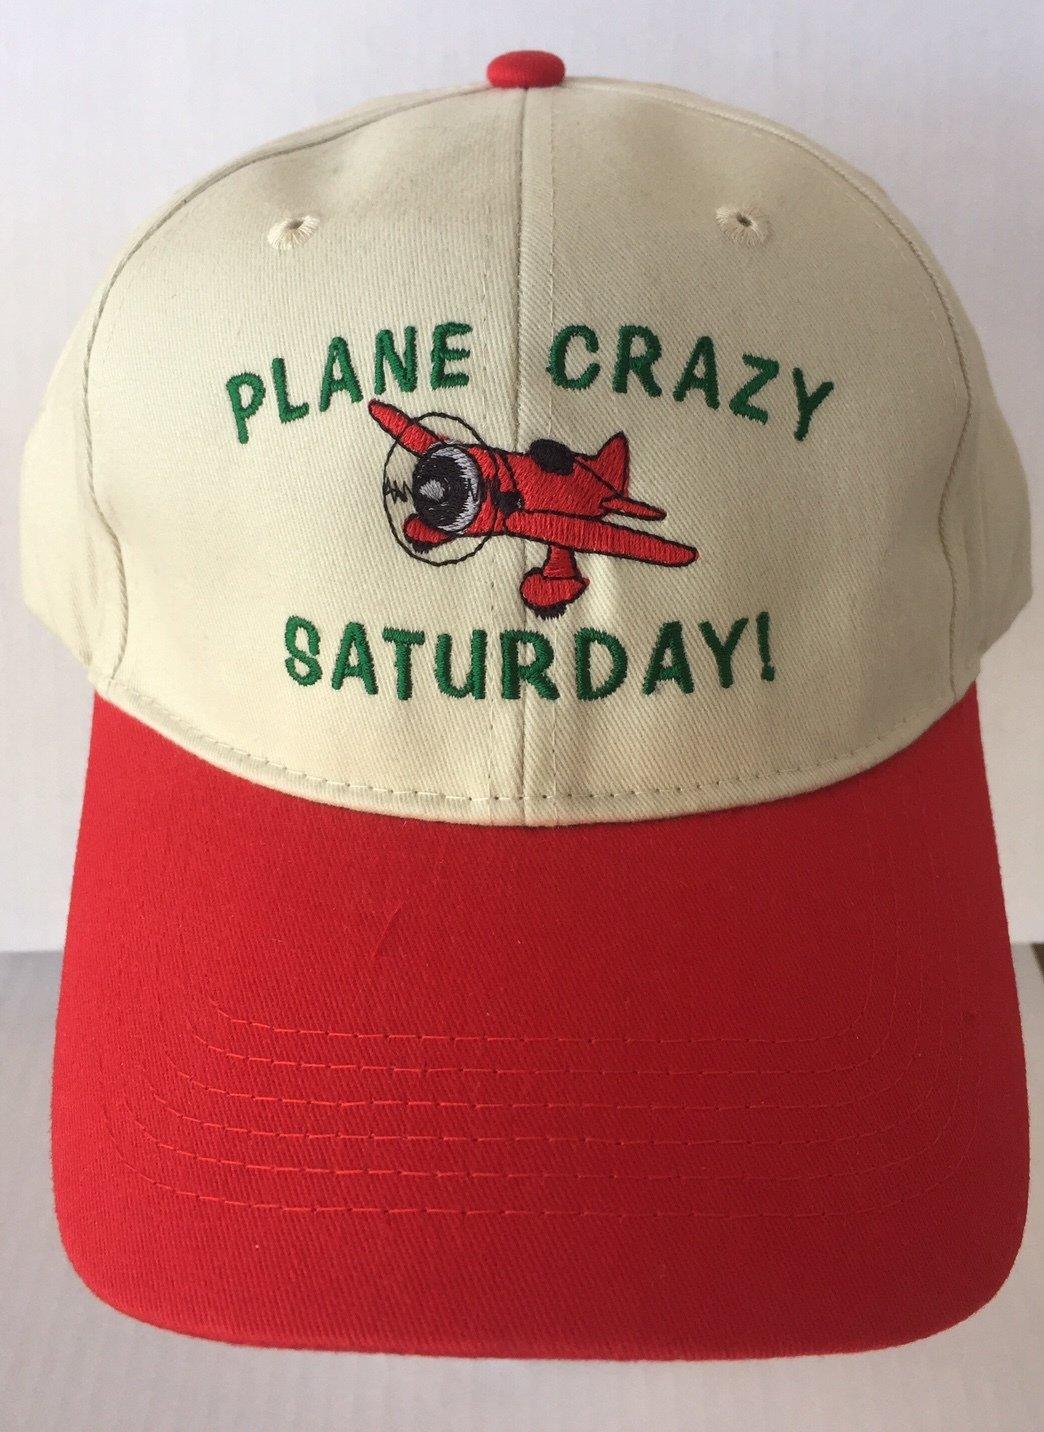 Plane Crazy Hat 94242884-8147-4CFA-A86B-C98640AF56A5